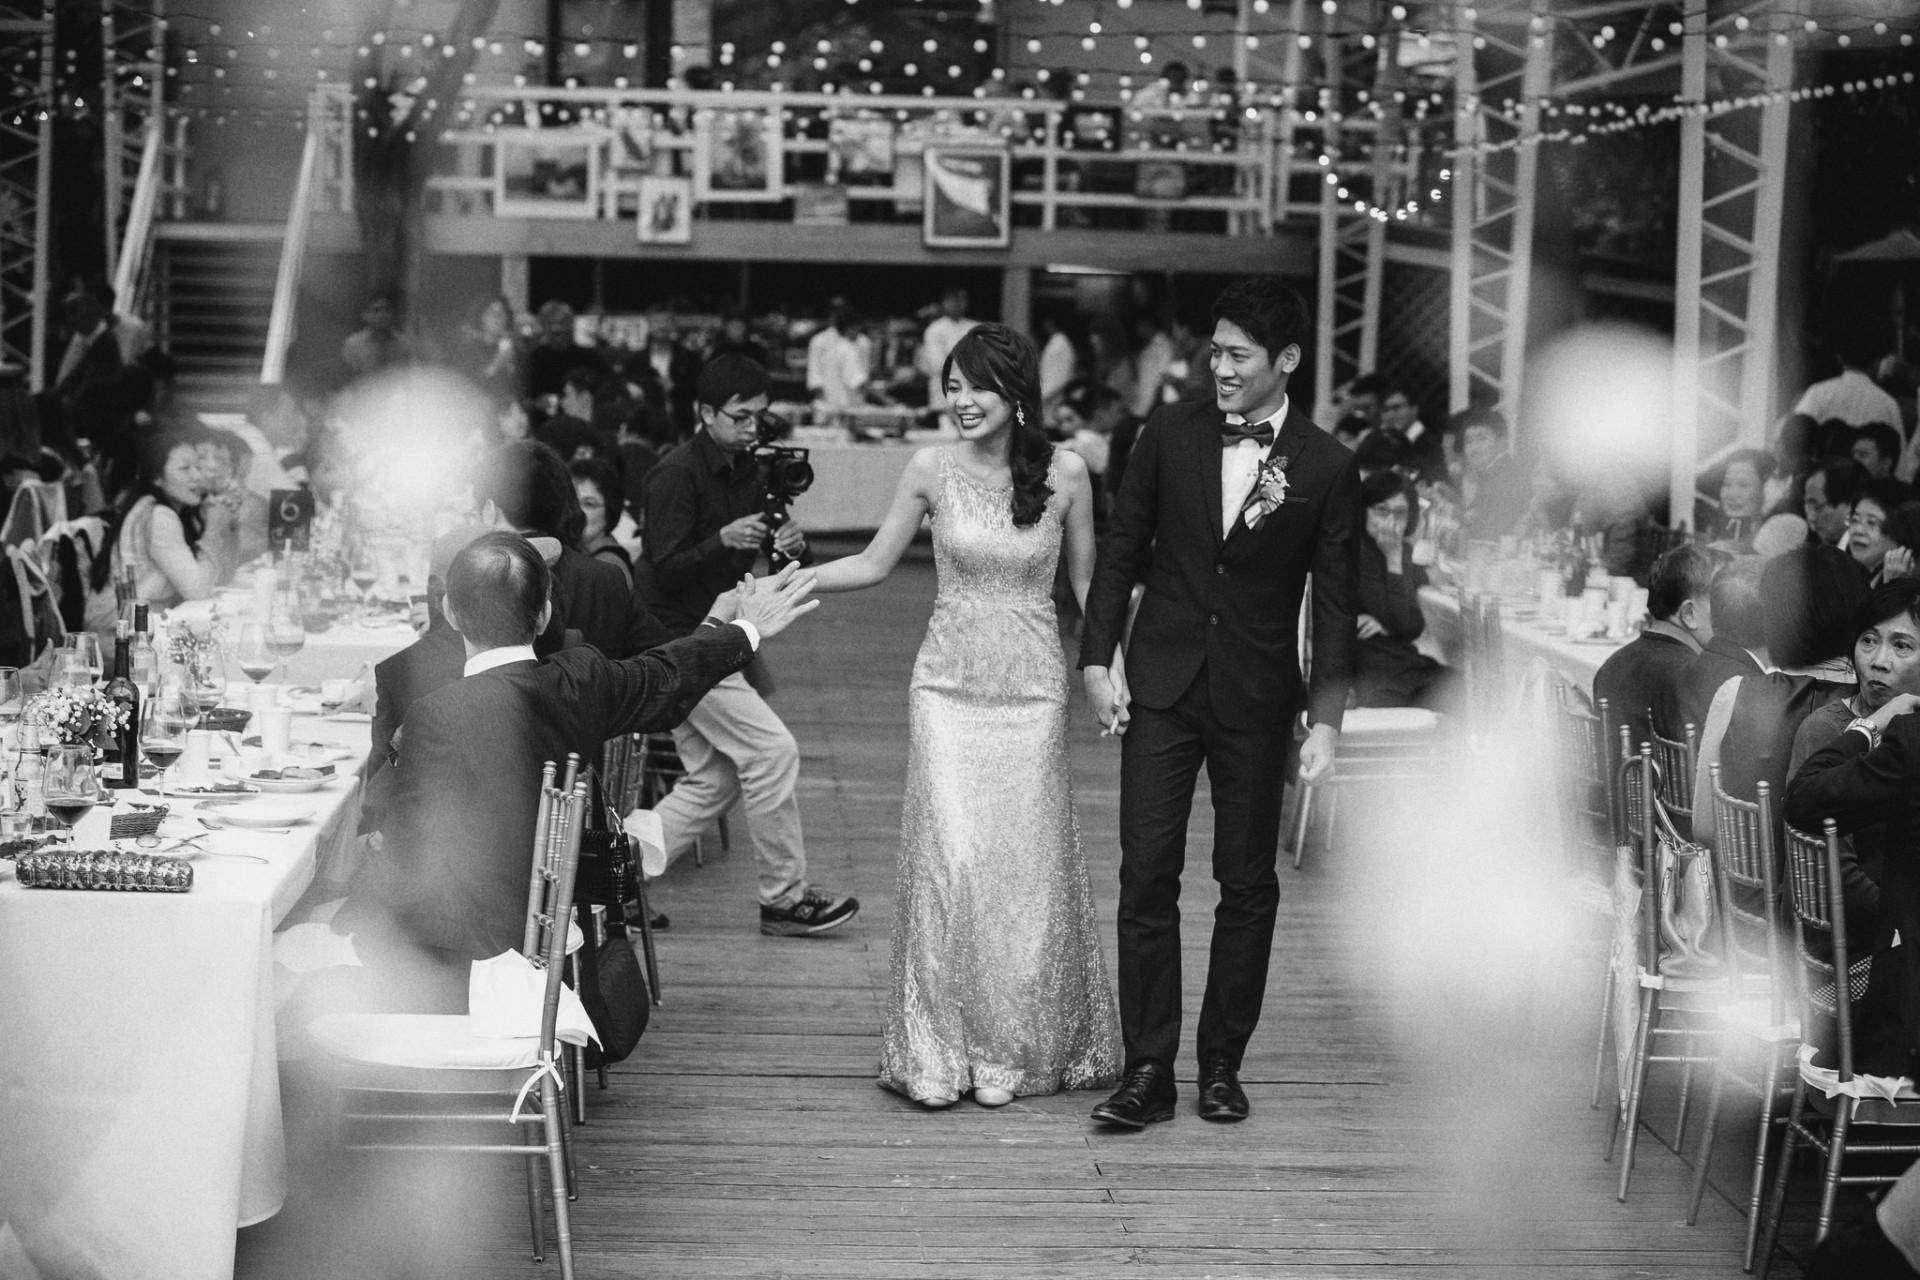 陽明山婚禮,戶外證婚,納美花園婚禮,戶外婚禮,台北婚攝,美式婚禮,婚攝推薦,婚攝ptt推薦,婚攝作品,婚攝價格,台北婚攝價格,戶外婚禮記錄